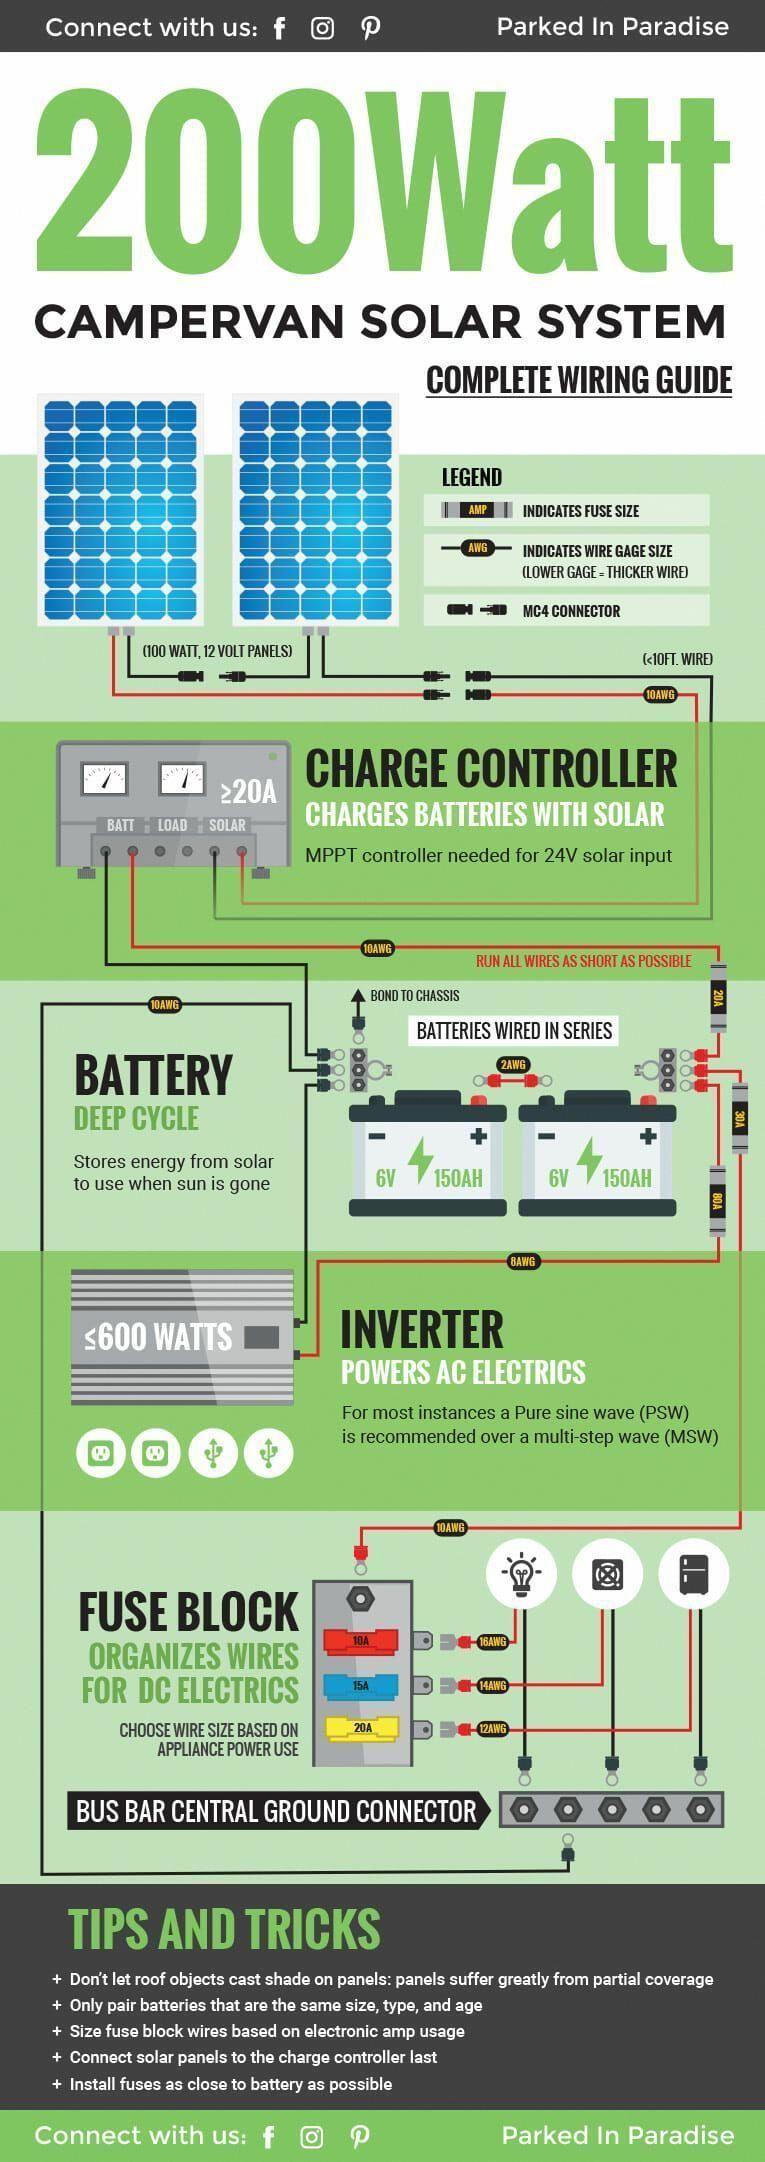 Komplette Diy Kabelfuhrung Fur Eine 200 Watt Solaranlage Perfekt Fur Einen Campervan Zu Bauen Ich In 2020 Solar Panels Diy Solar Alternative Energy